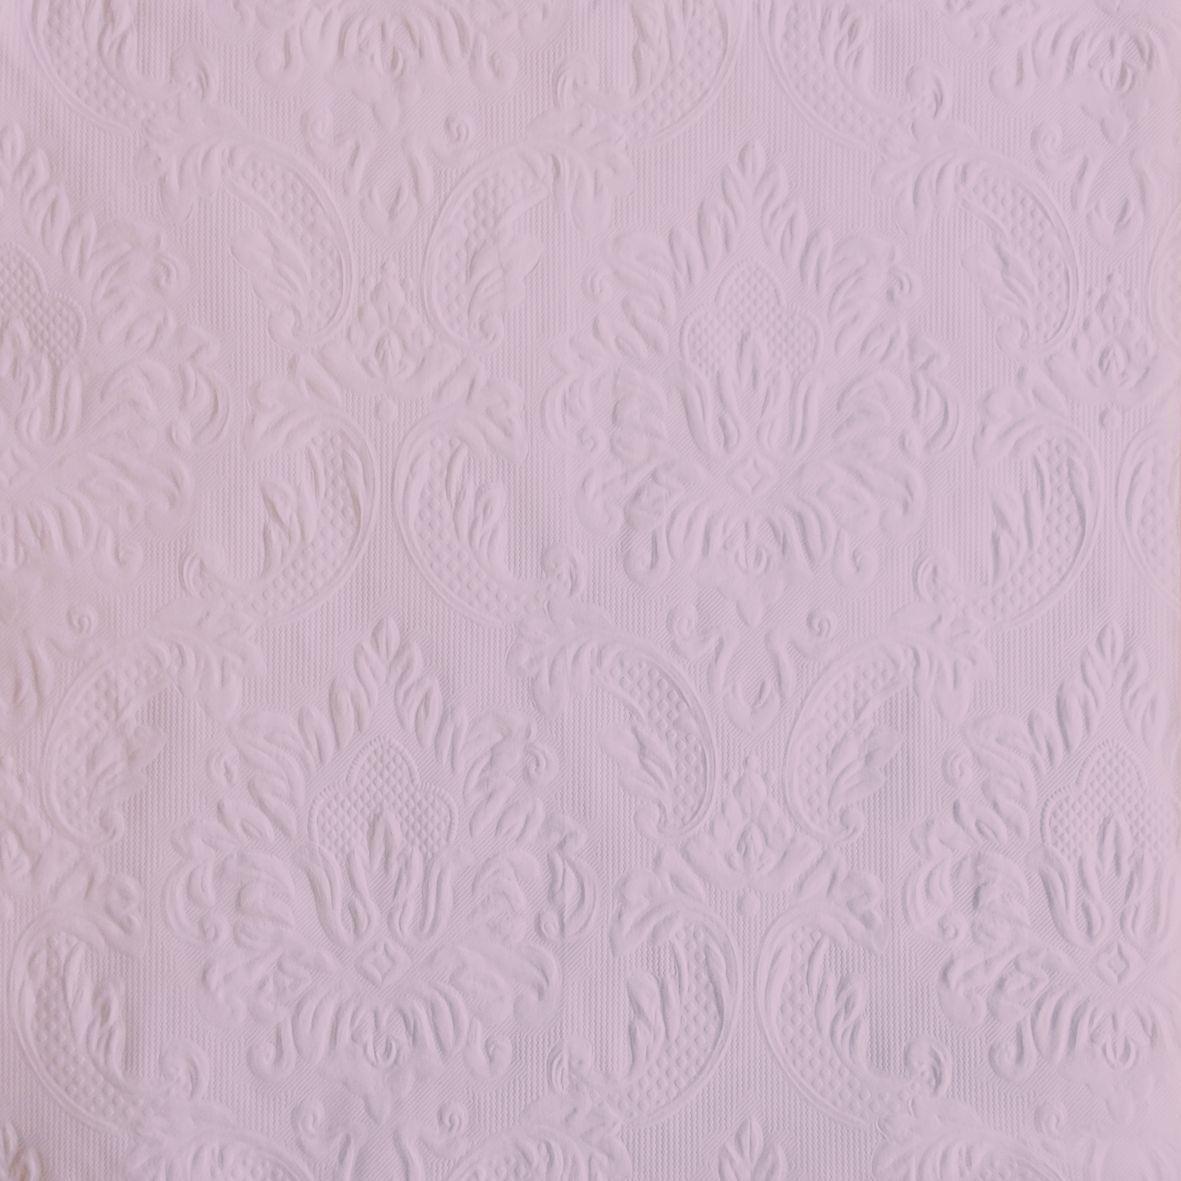 Салфетки бумажные Duni, 3-слойные, с тиснением, цвет: розовый, 33 х 33 см, 20 шт бумажные салфетки duni салфетки бумажные 3 слойные 33 х 33 см синие 20 шт